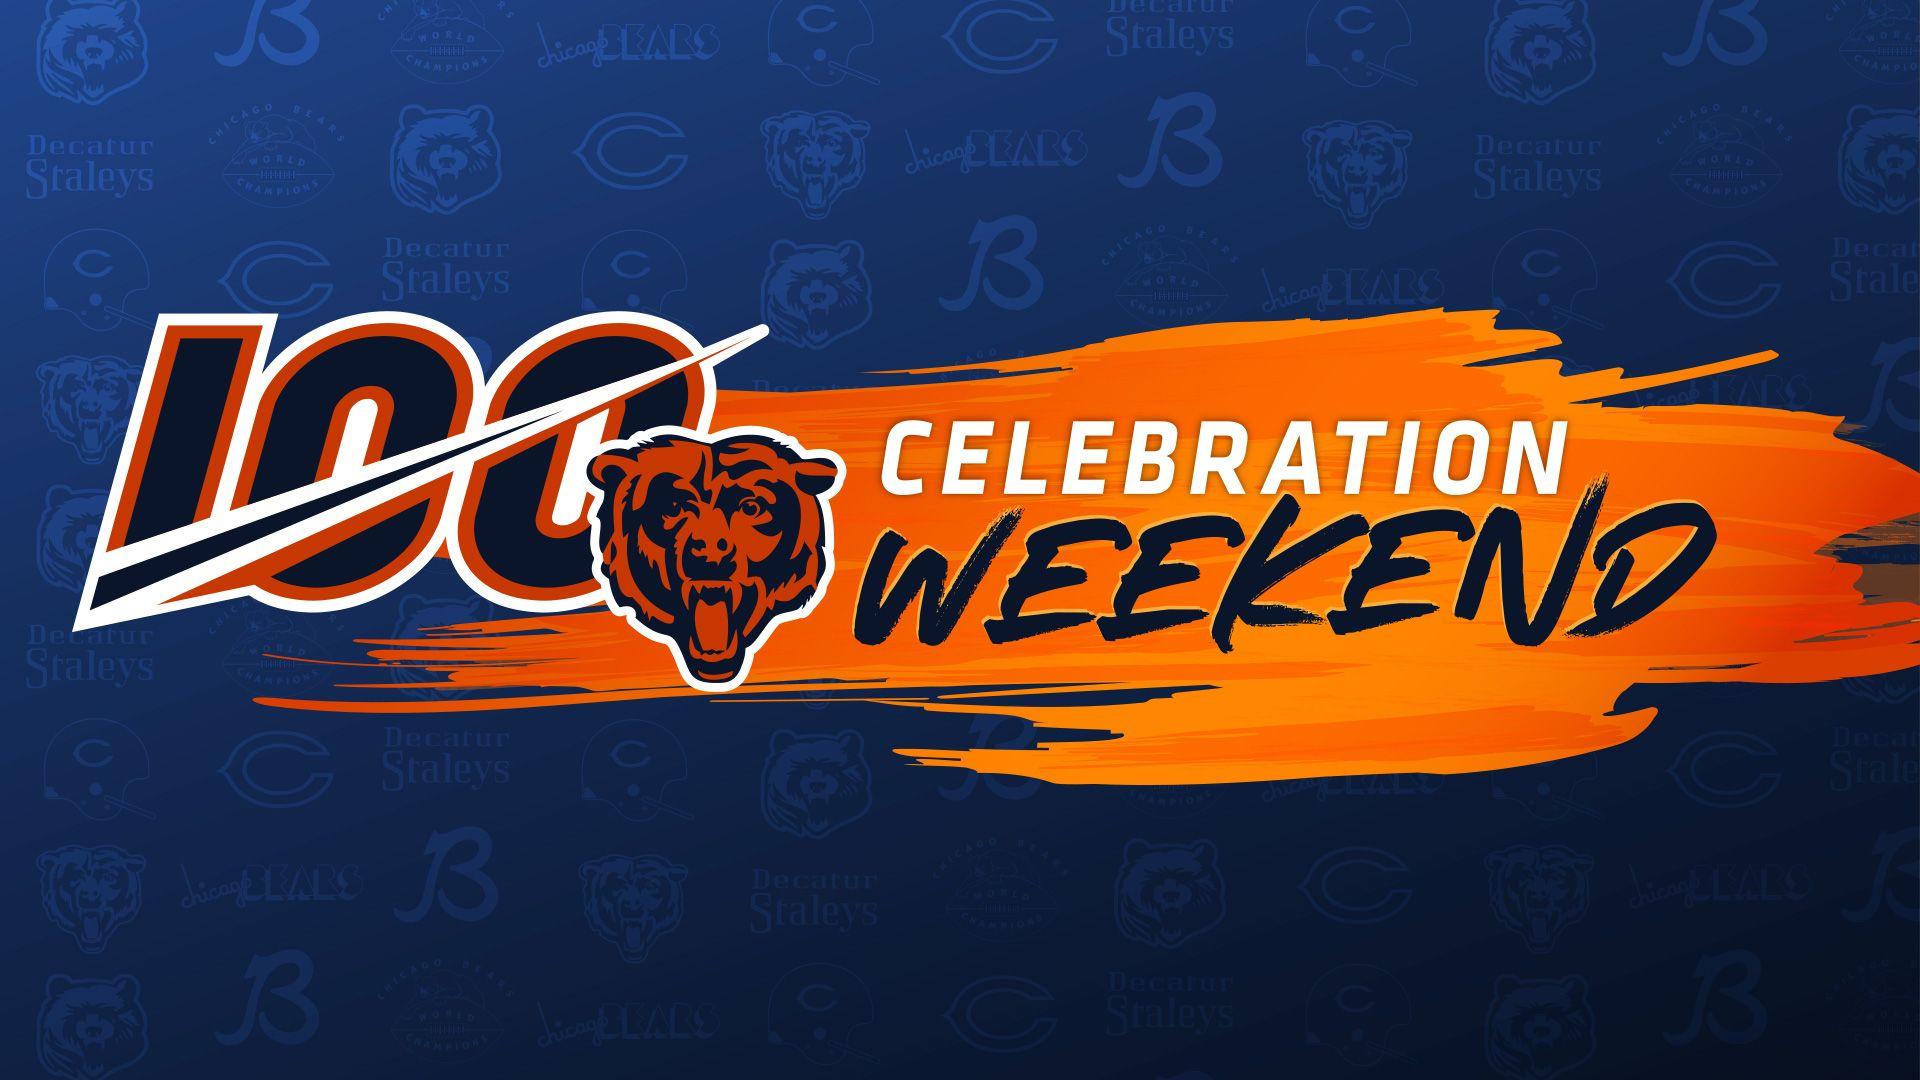 Bears100 Celebration Weekend